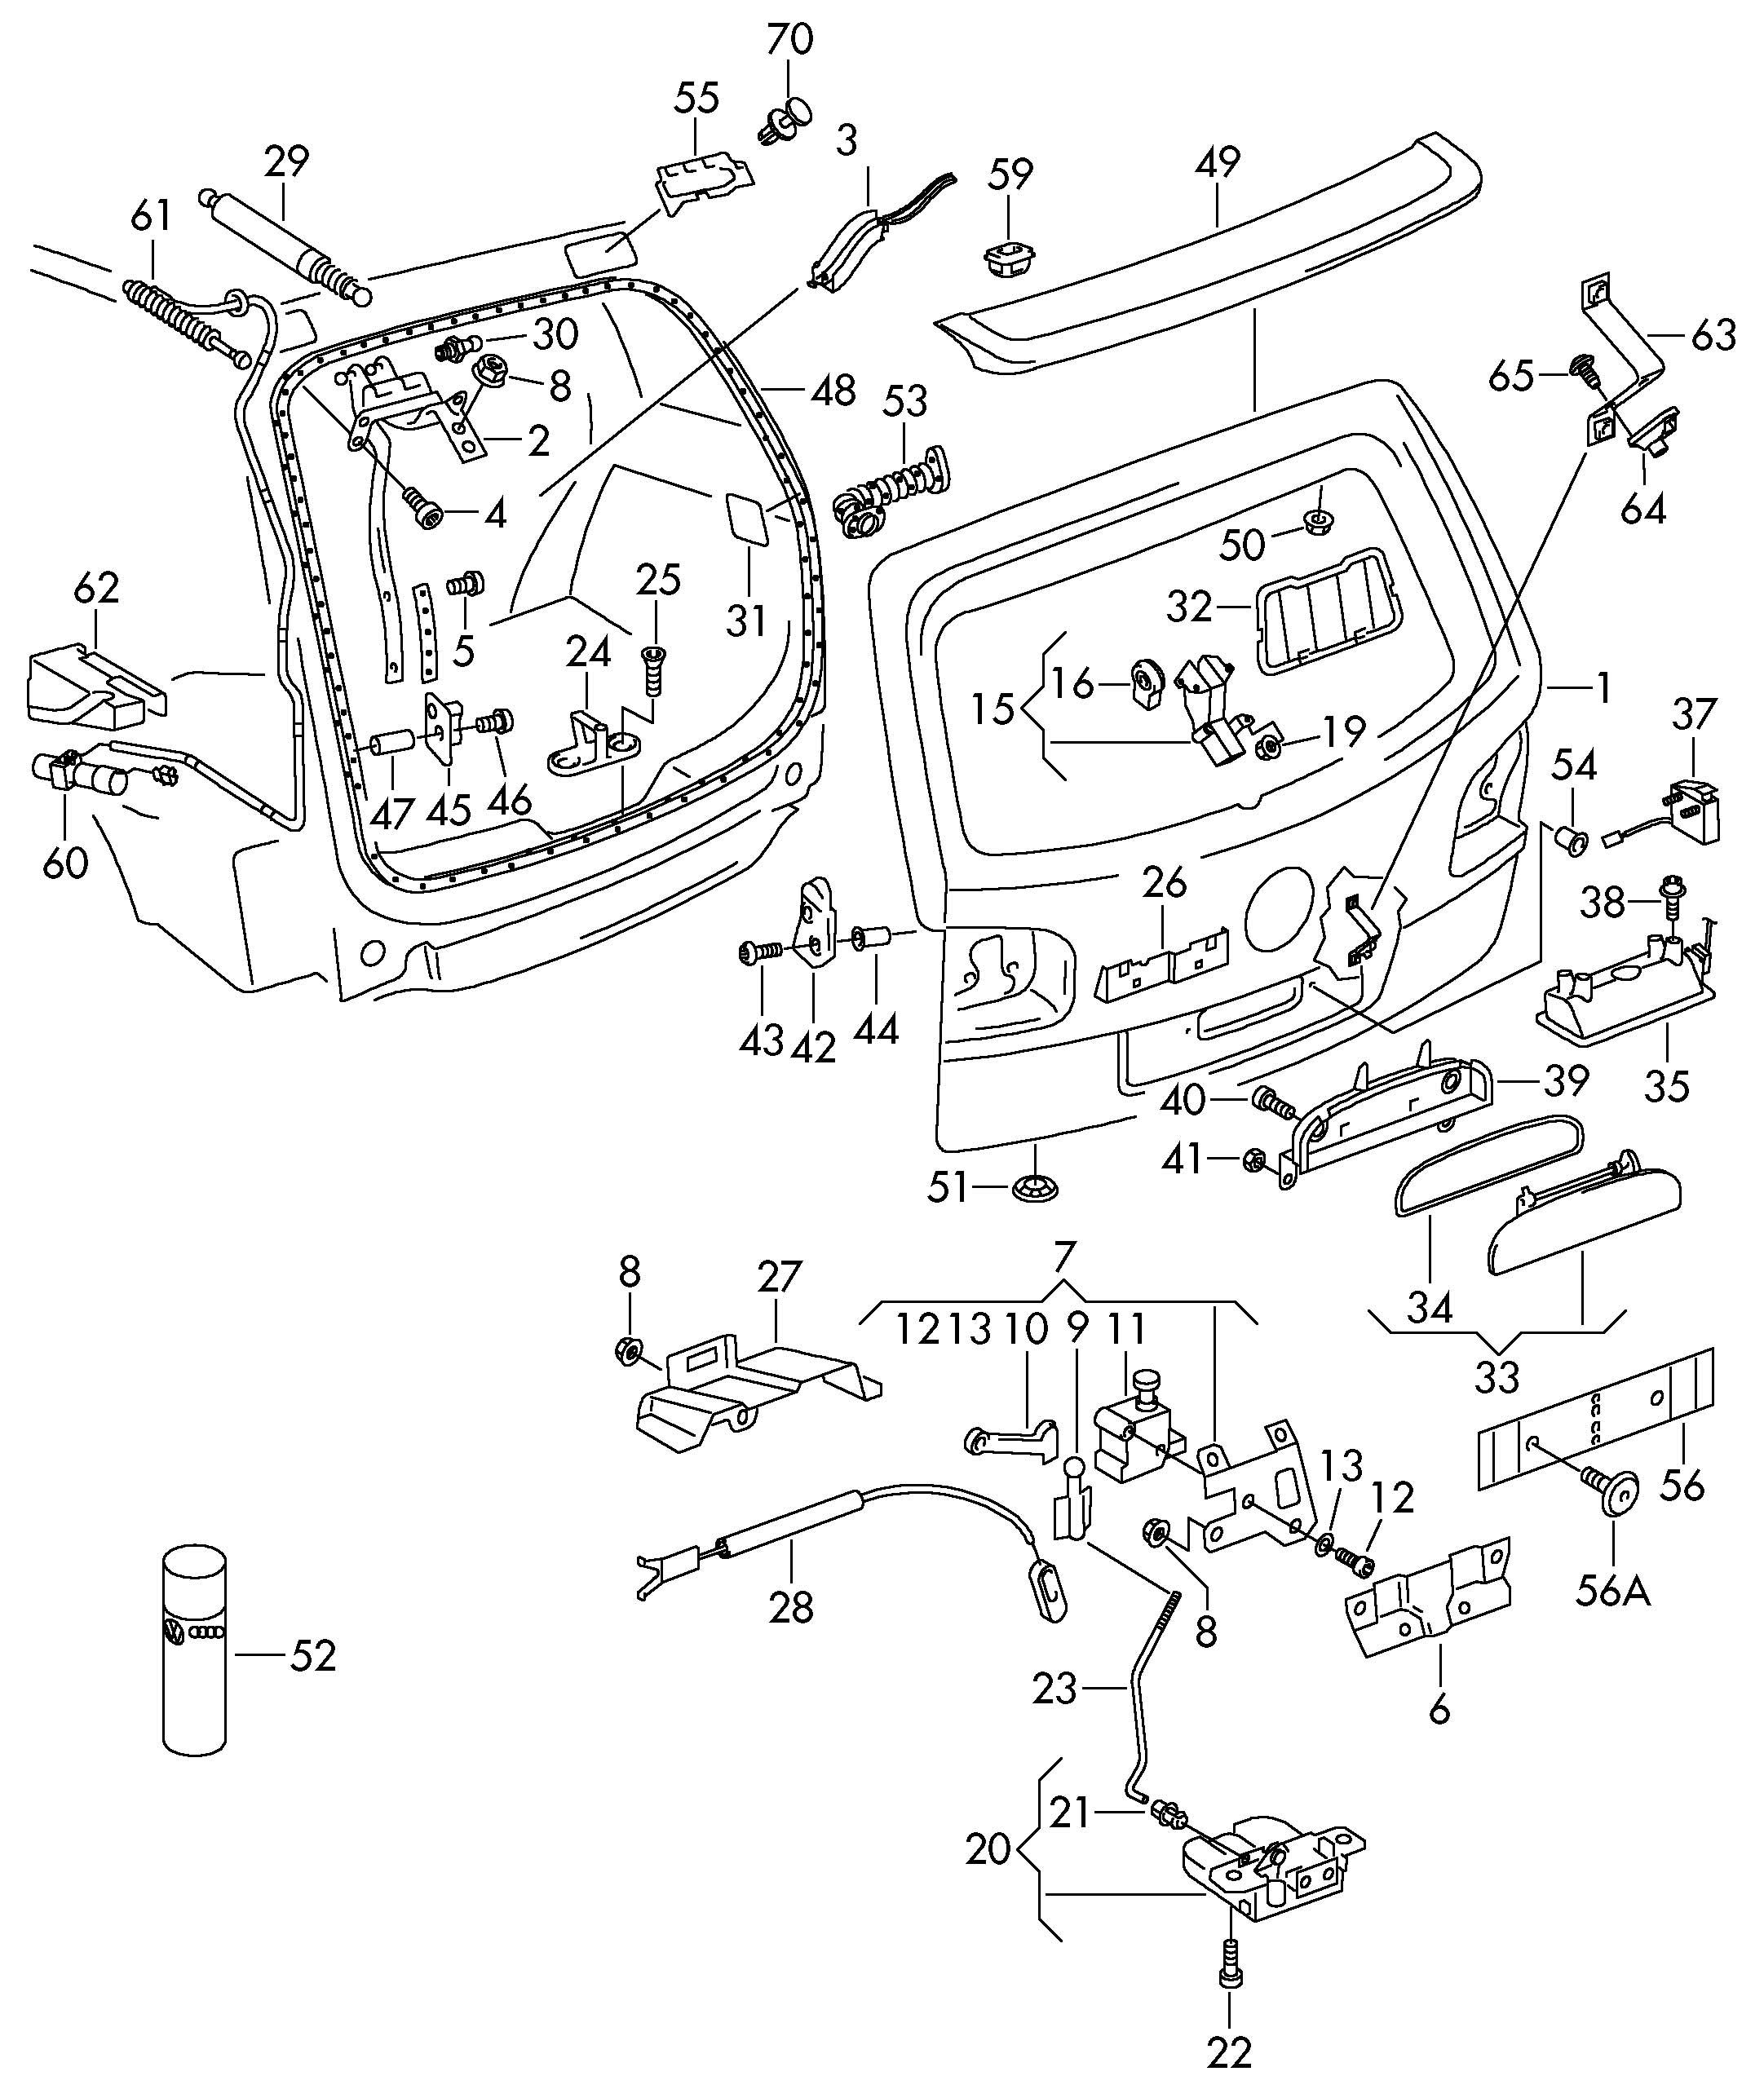 1976 volkswagen beetle wiring diagram